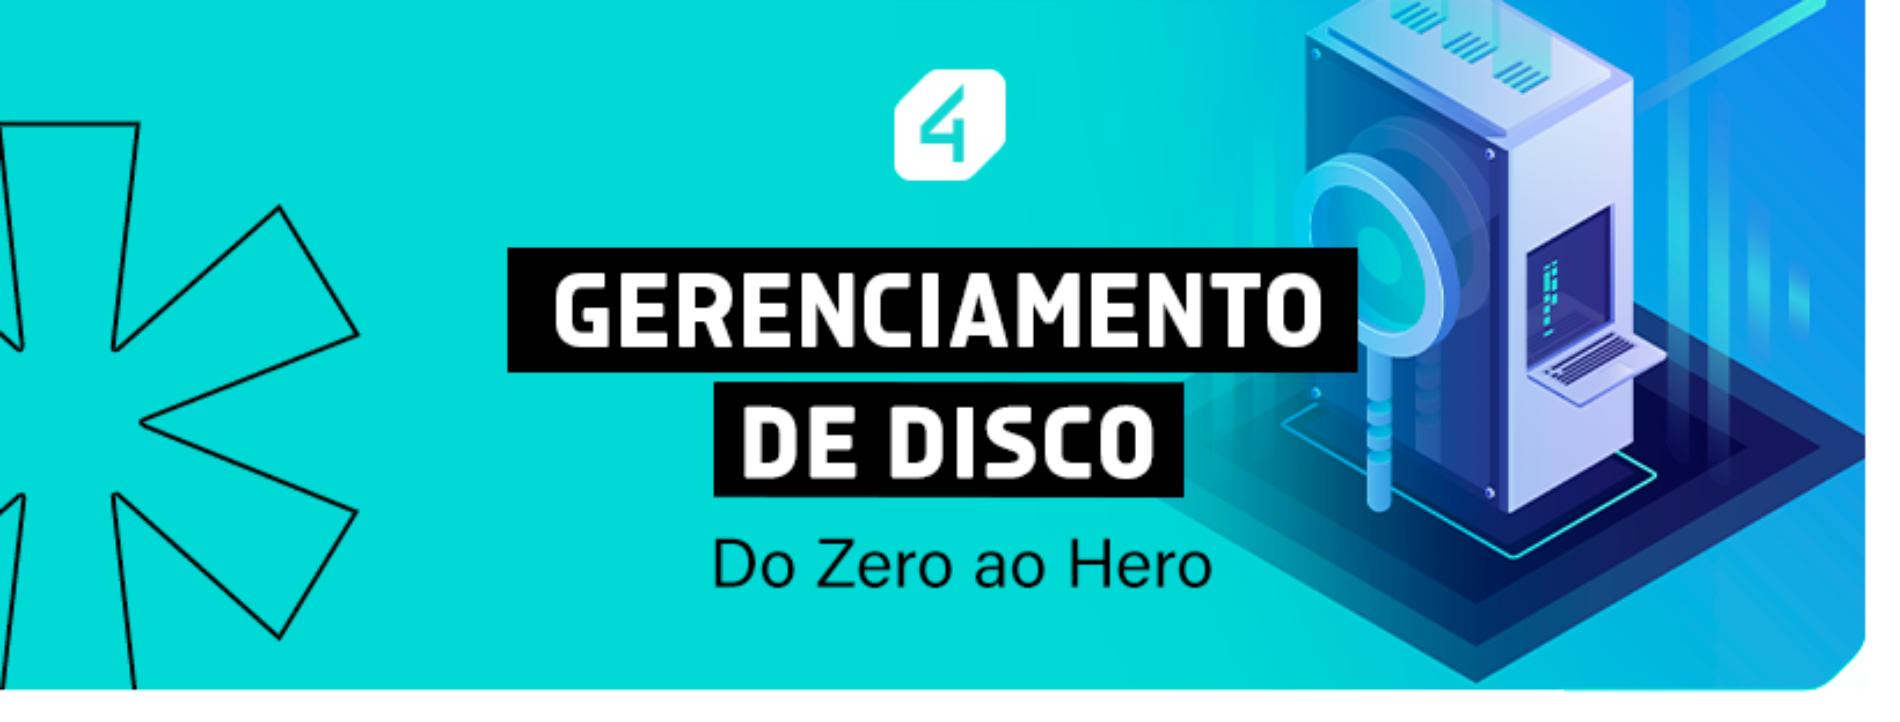 Gerenciamento de disco do 0 ao hero